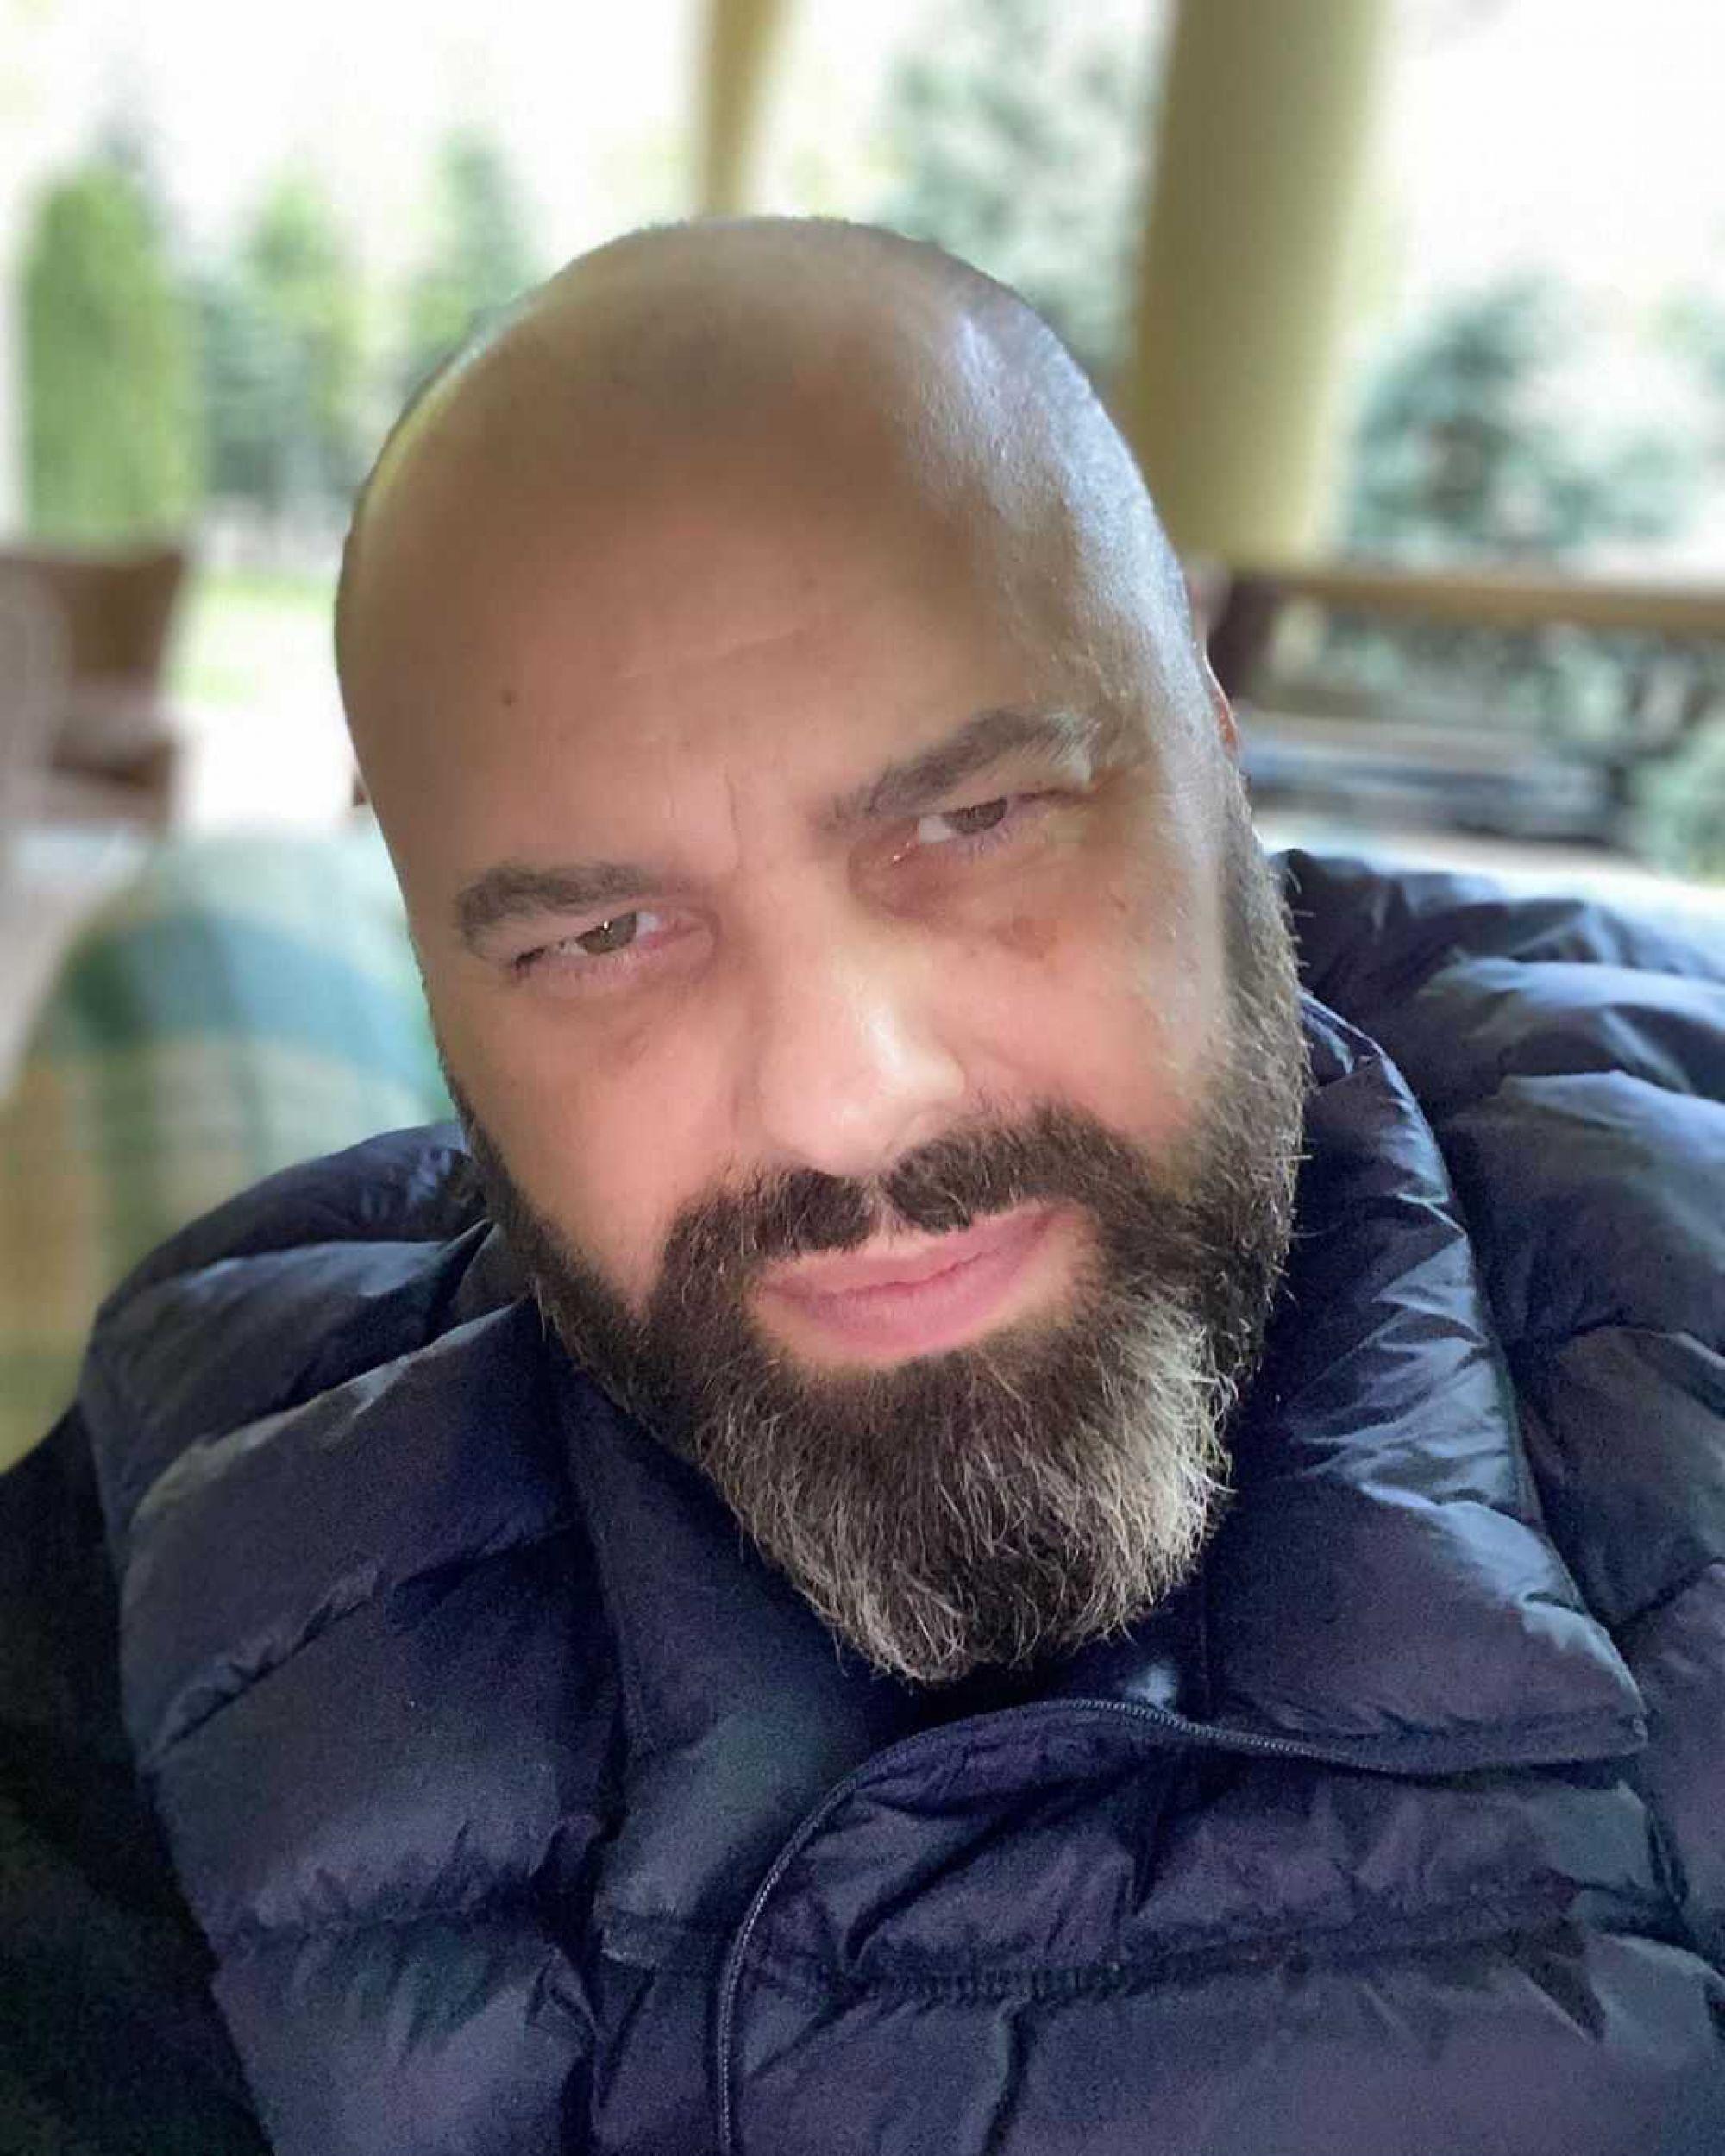 Максим Фадеев показал свою архивную фотографию с длинными волосами